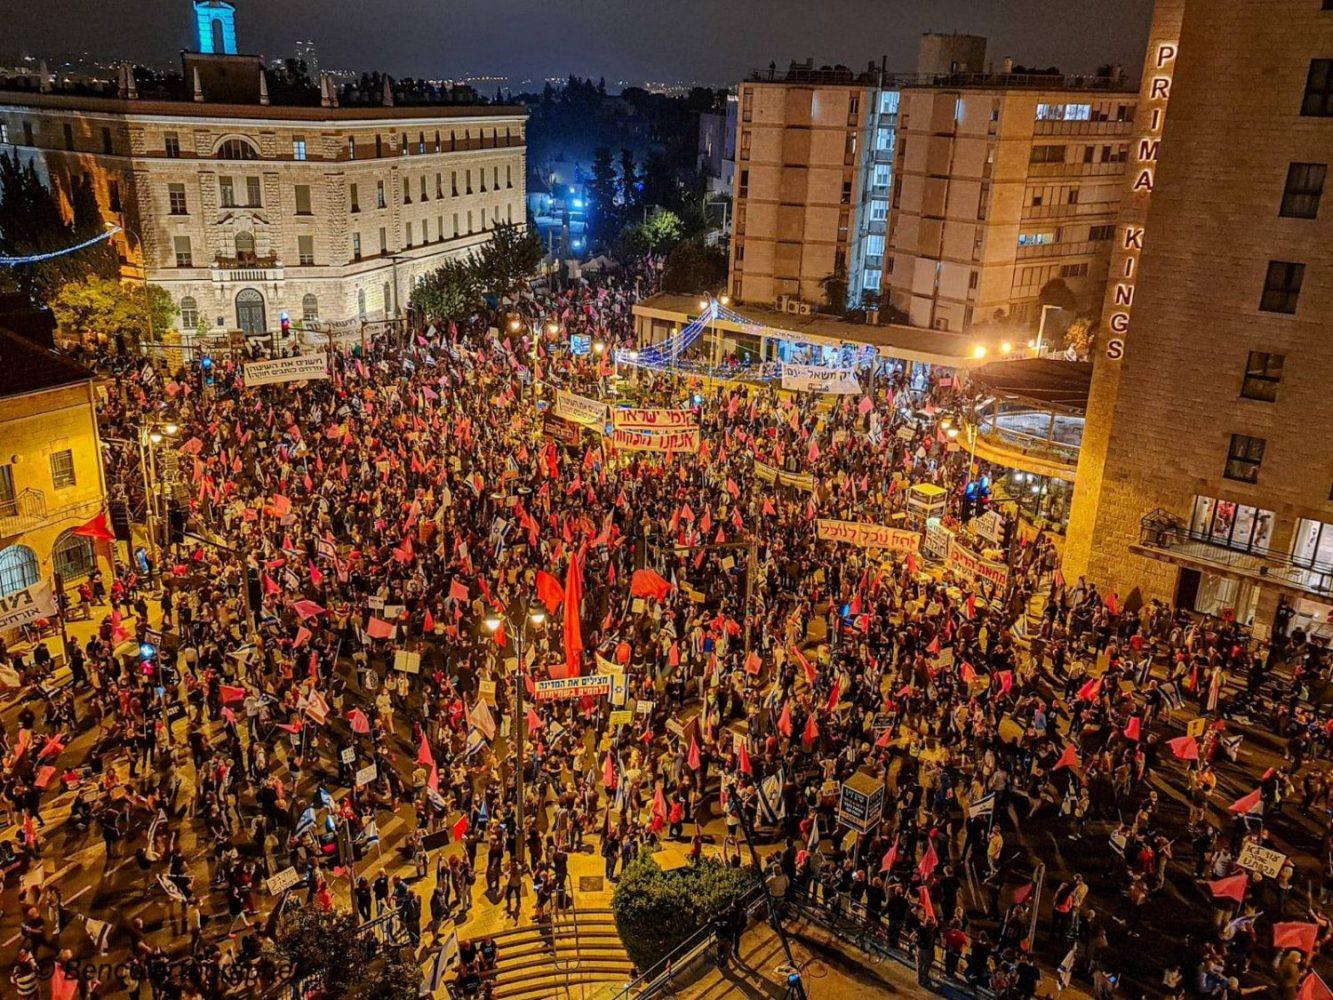 Tömegek tüntettek Netanjahu ellen • Az ultraortodoxok az araboknál házasodnak • Elhunyt Yehuda Barkan